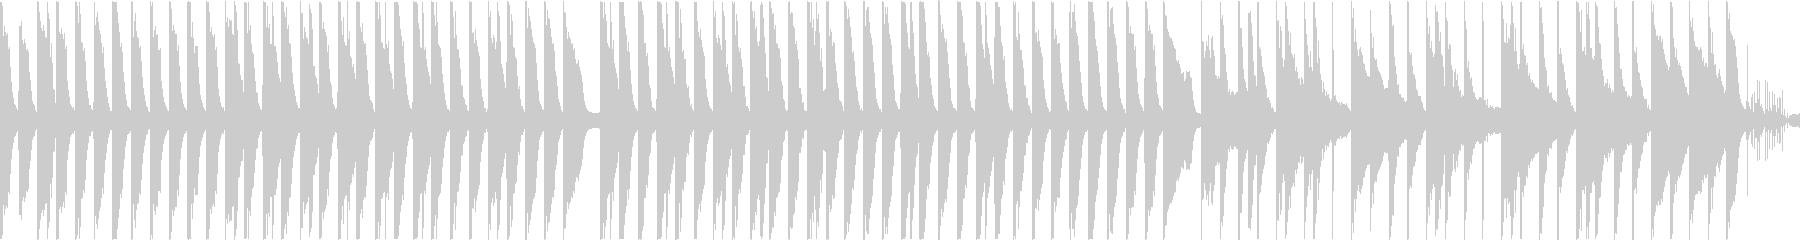 ほのぼのした雰囲気のBGMの未再生の波形